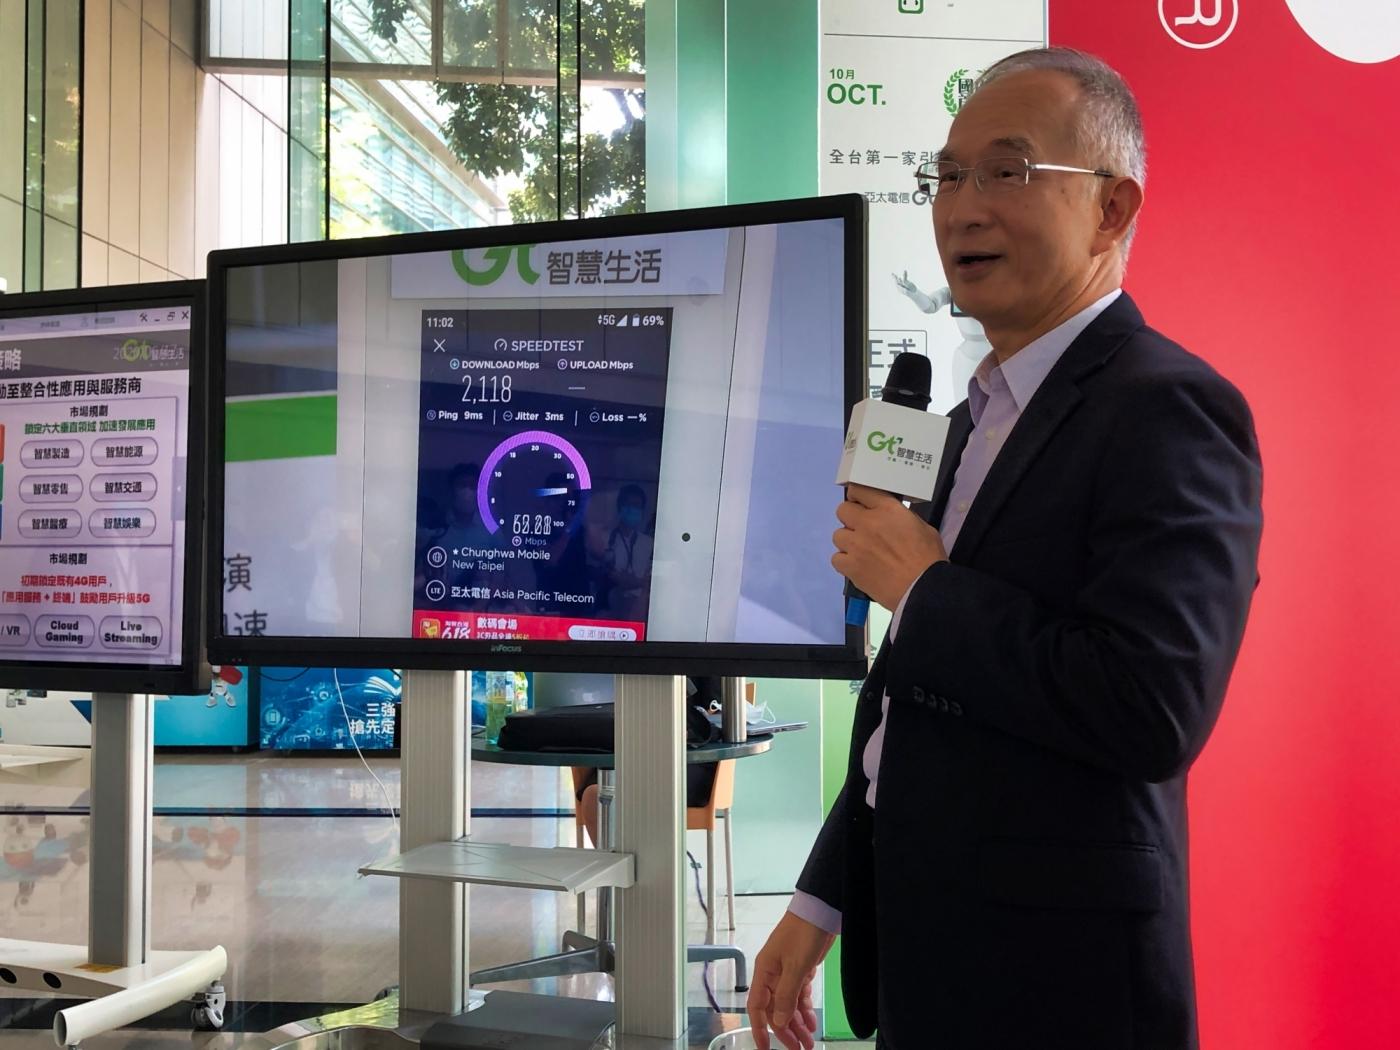 亞太電信拚5G用戶滲透率1成,呂芳銘首談資費底線:超過1千